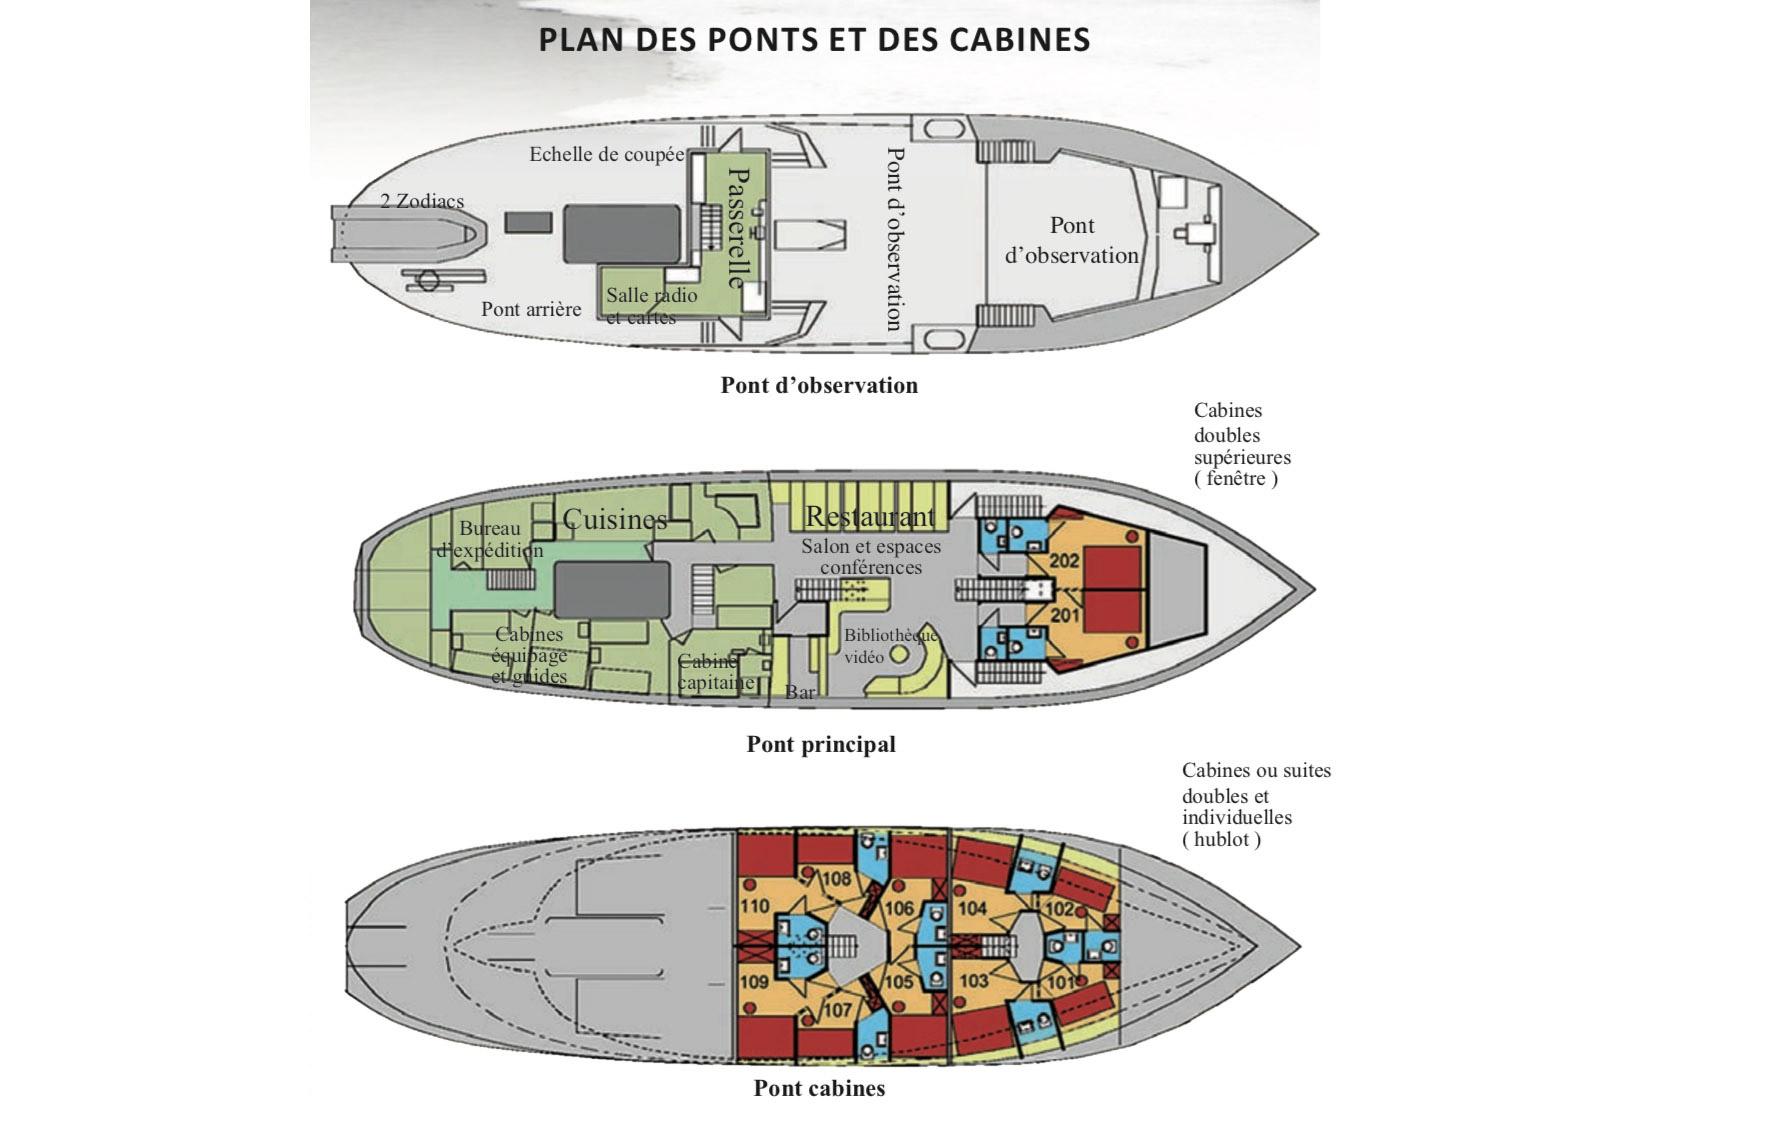 Plan du bateau d'expedition Polaris - région polaire   Les Mondes Polaires